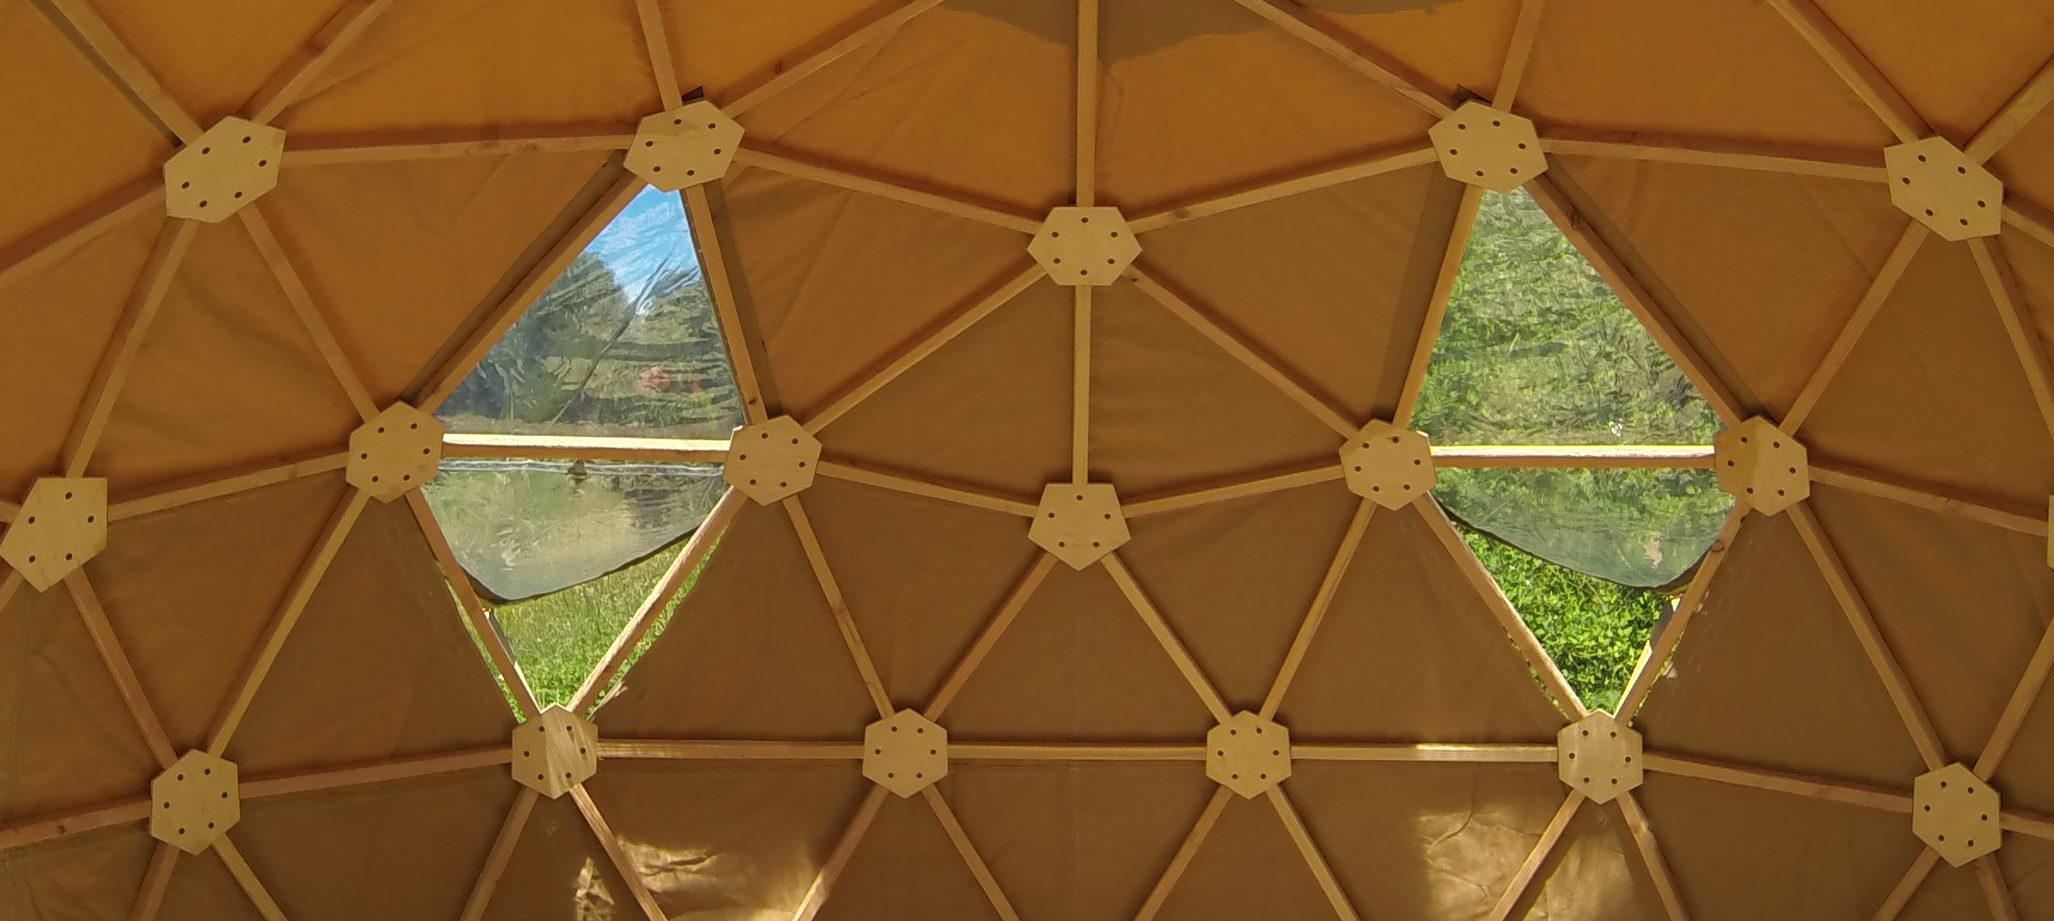 Dôme Géodésiques - Les toiles du berger